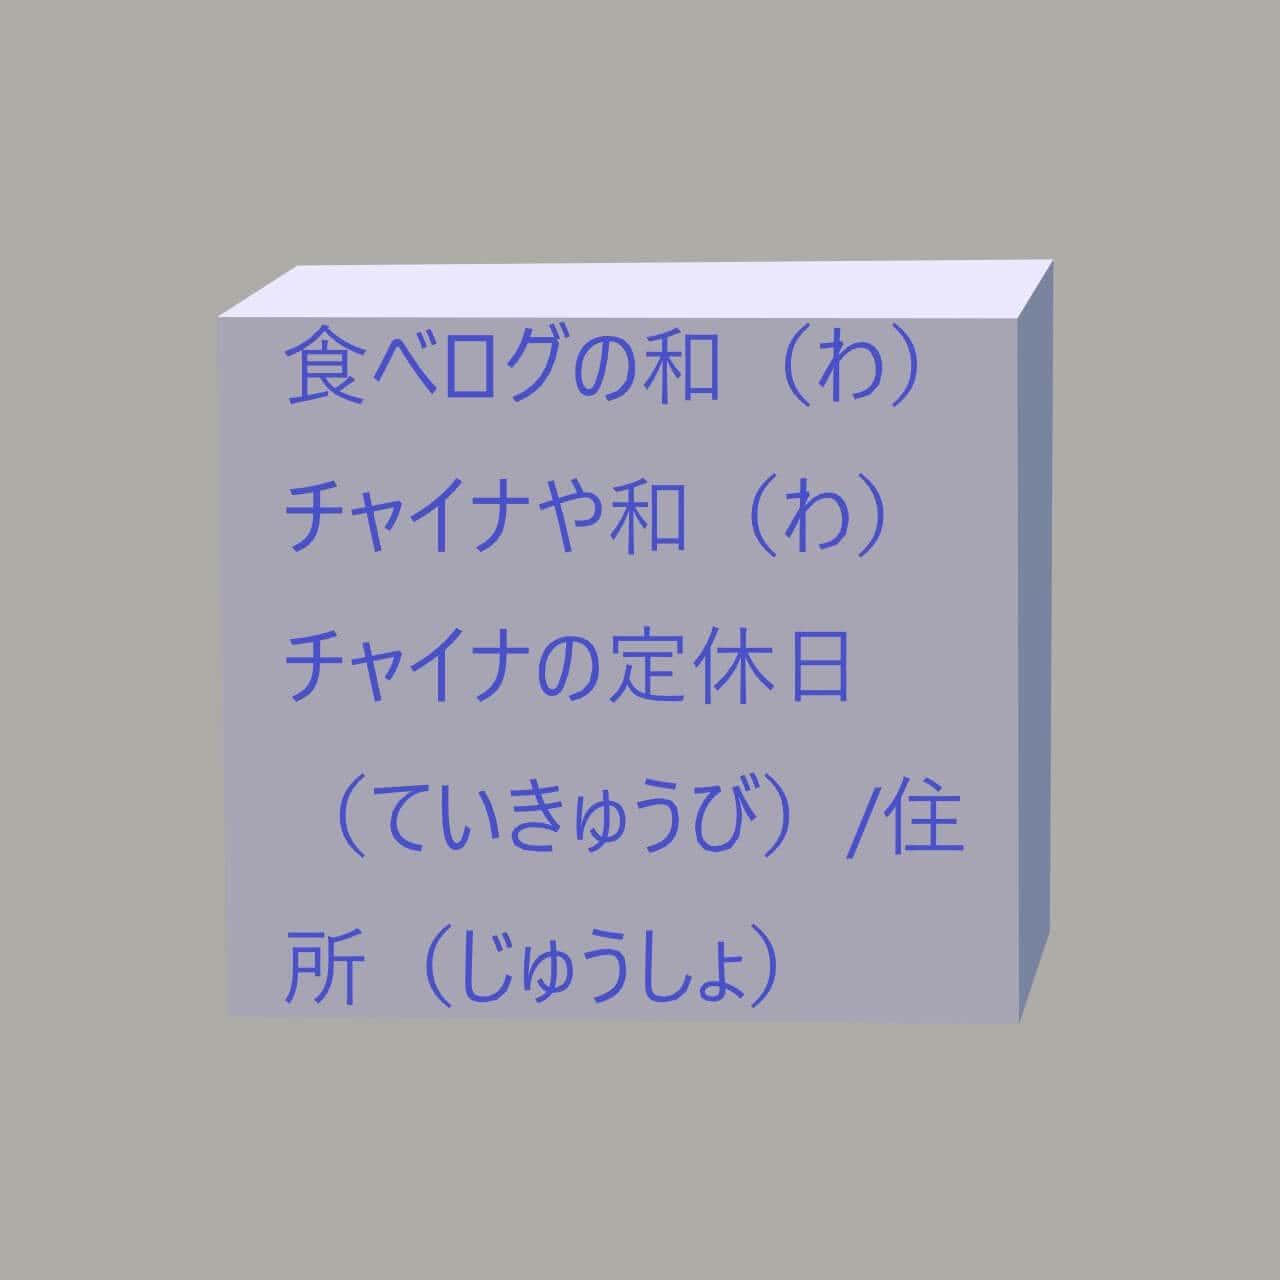 食べログの和(わ)チャイナや和(わ)チャイナの定休日(ていきゅうび)、住所(じゅうしょ)とは?にかかる画像(がぞう)